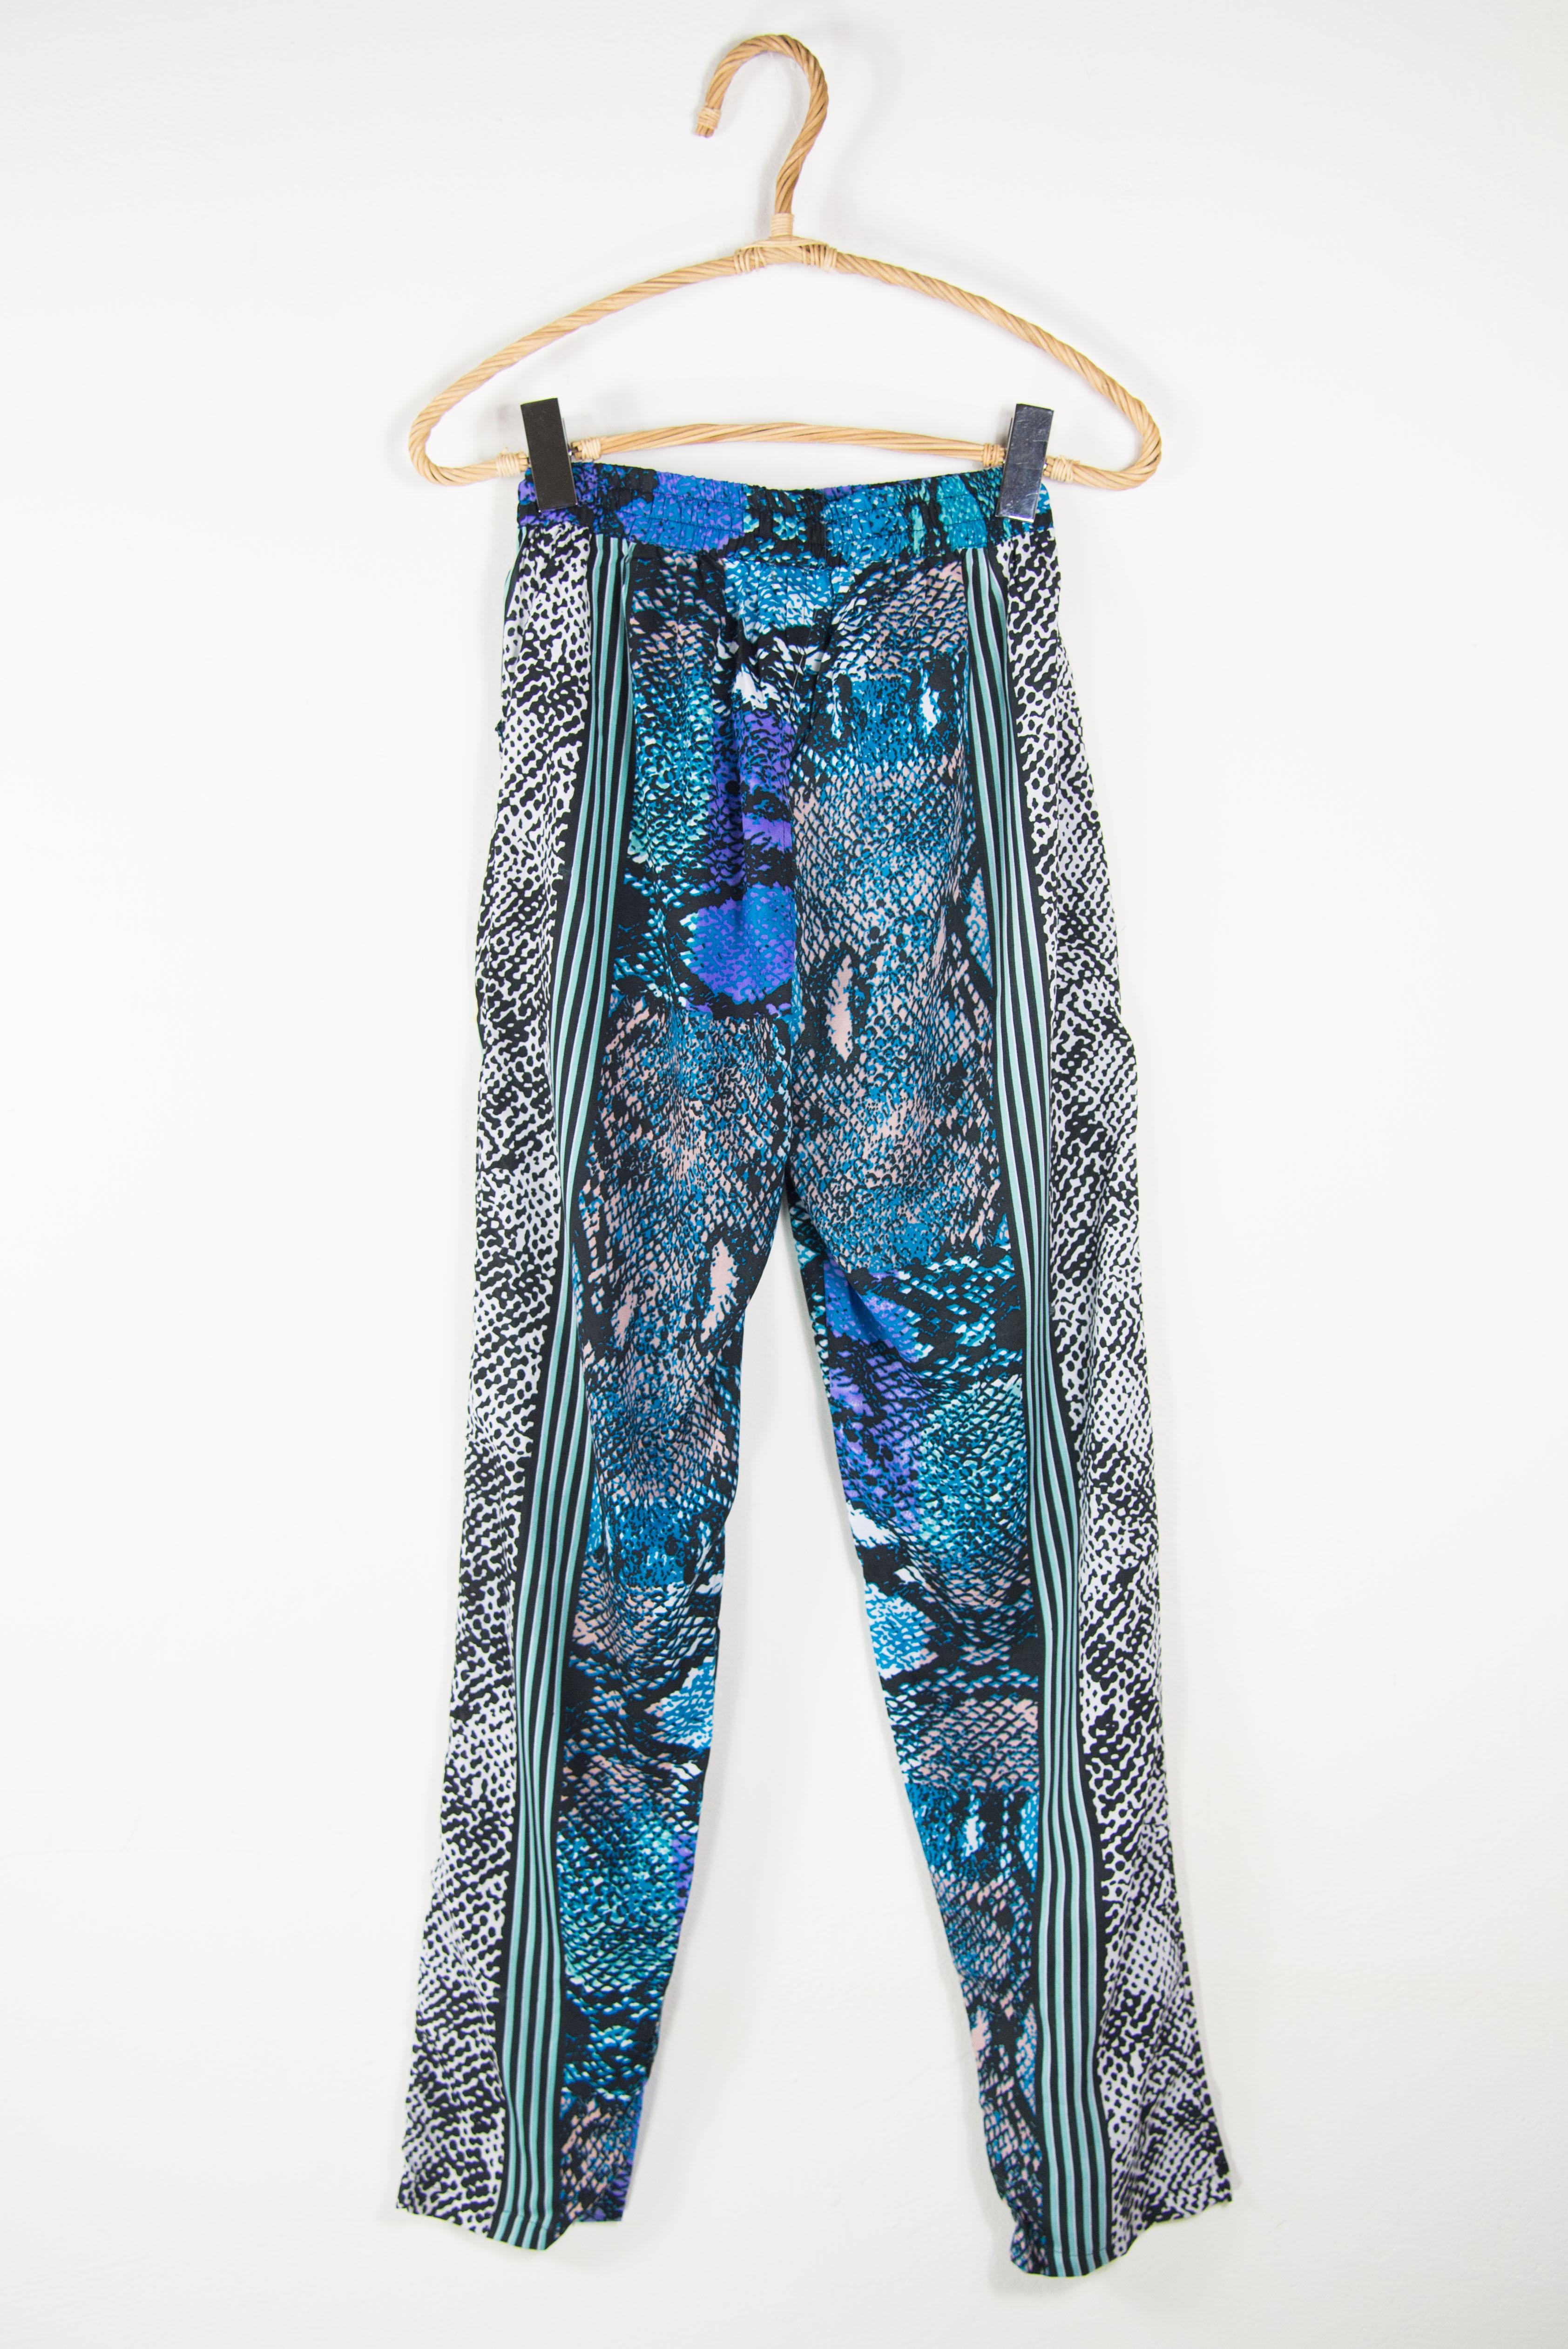 Pantalon long de femme d'été | Vente en ligne